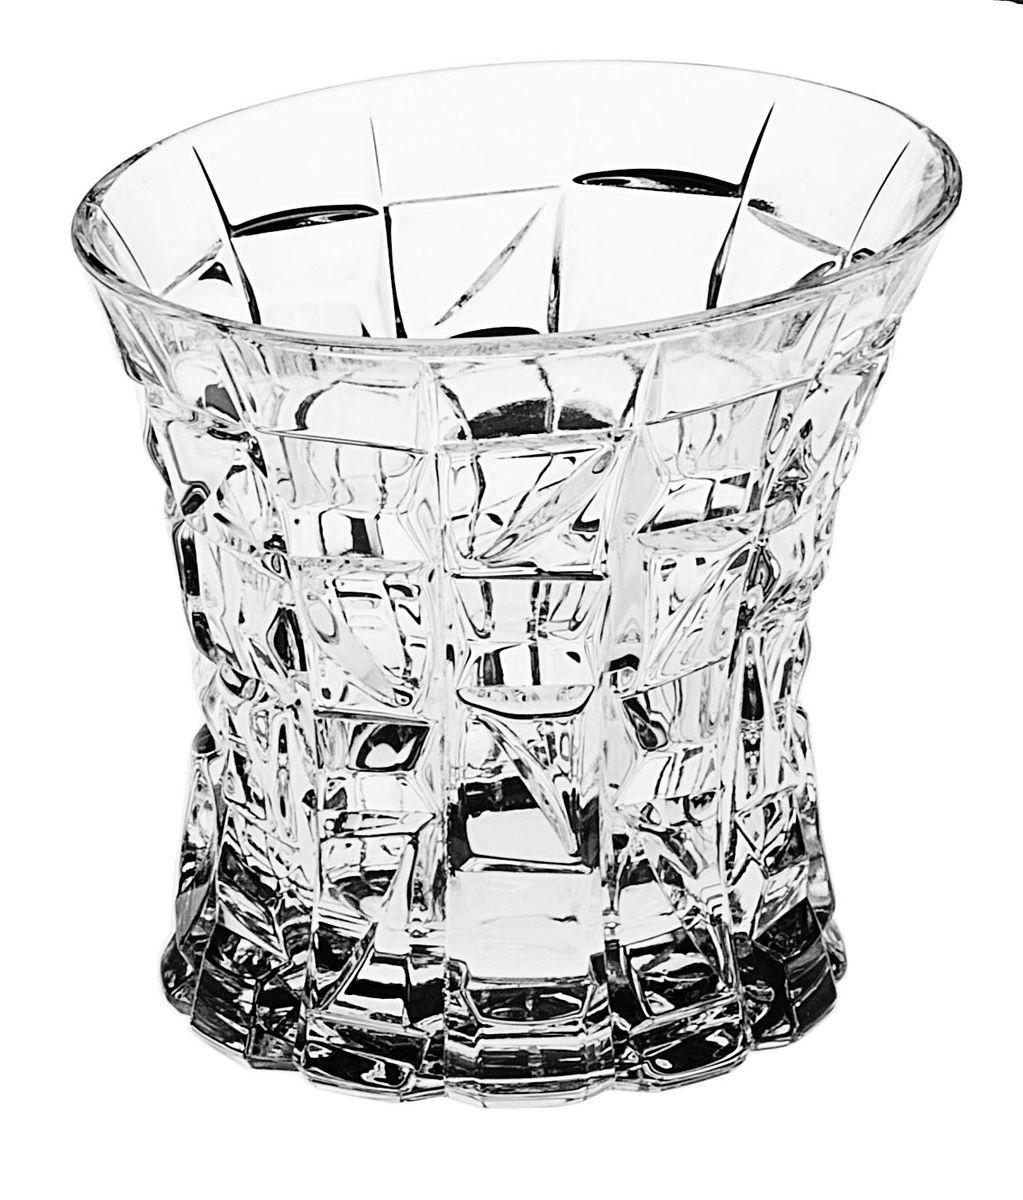 Стакан Crystal Bohemia, 200 мл, 6 штEL10-402Настоящий чешский хрусталь с содержанием оксида свинца 24%, что придает изделиям поразительную прозрачность и чистоту, невероятный блеск, присущий только ювелирным изделиям , особое, ни с чем не сравнимое светопреломление и игру всеми красками спектра как при естественном, так и при искуственном освещении. Продукция из Хрусталя соответствуют всем европейским и российским стандартам качества и безопасности. Традиции чешских мастеров передаются из поколения в поколение. А высокая художаственная ценность иделий признана искушенными ценителями во всем мире. Продукция из Хрусталя соответствуют всем европейским и российским стандартам качества и безопасности.